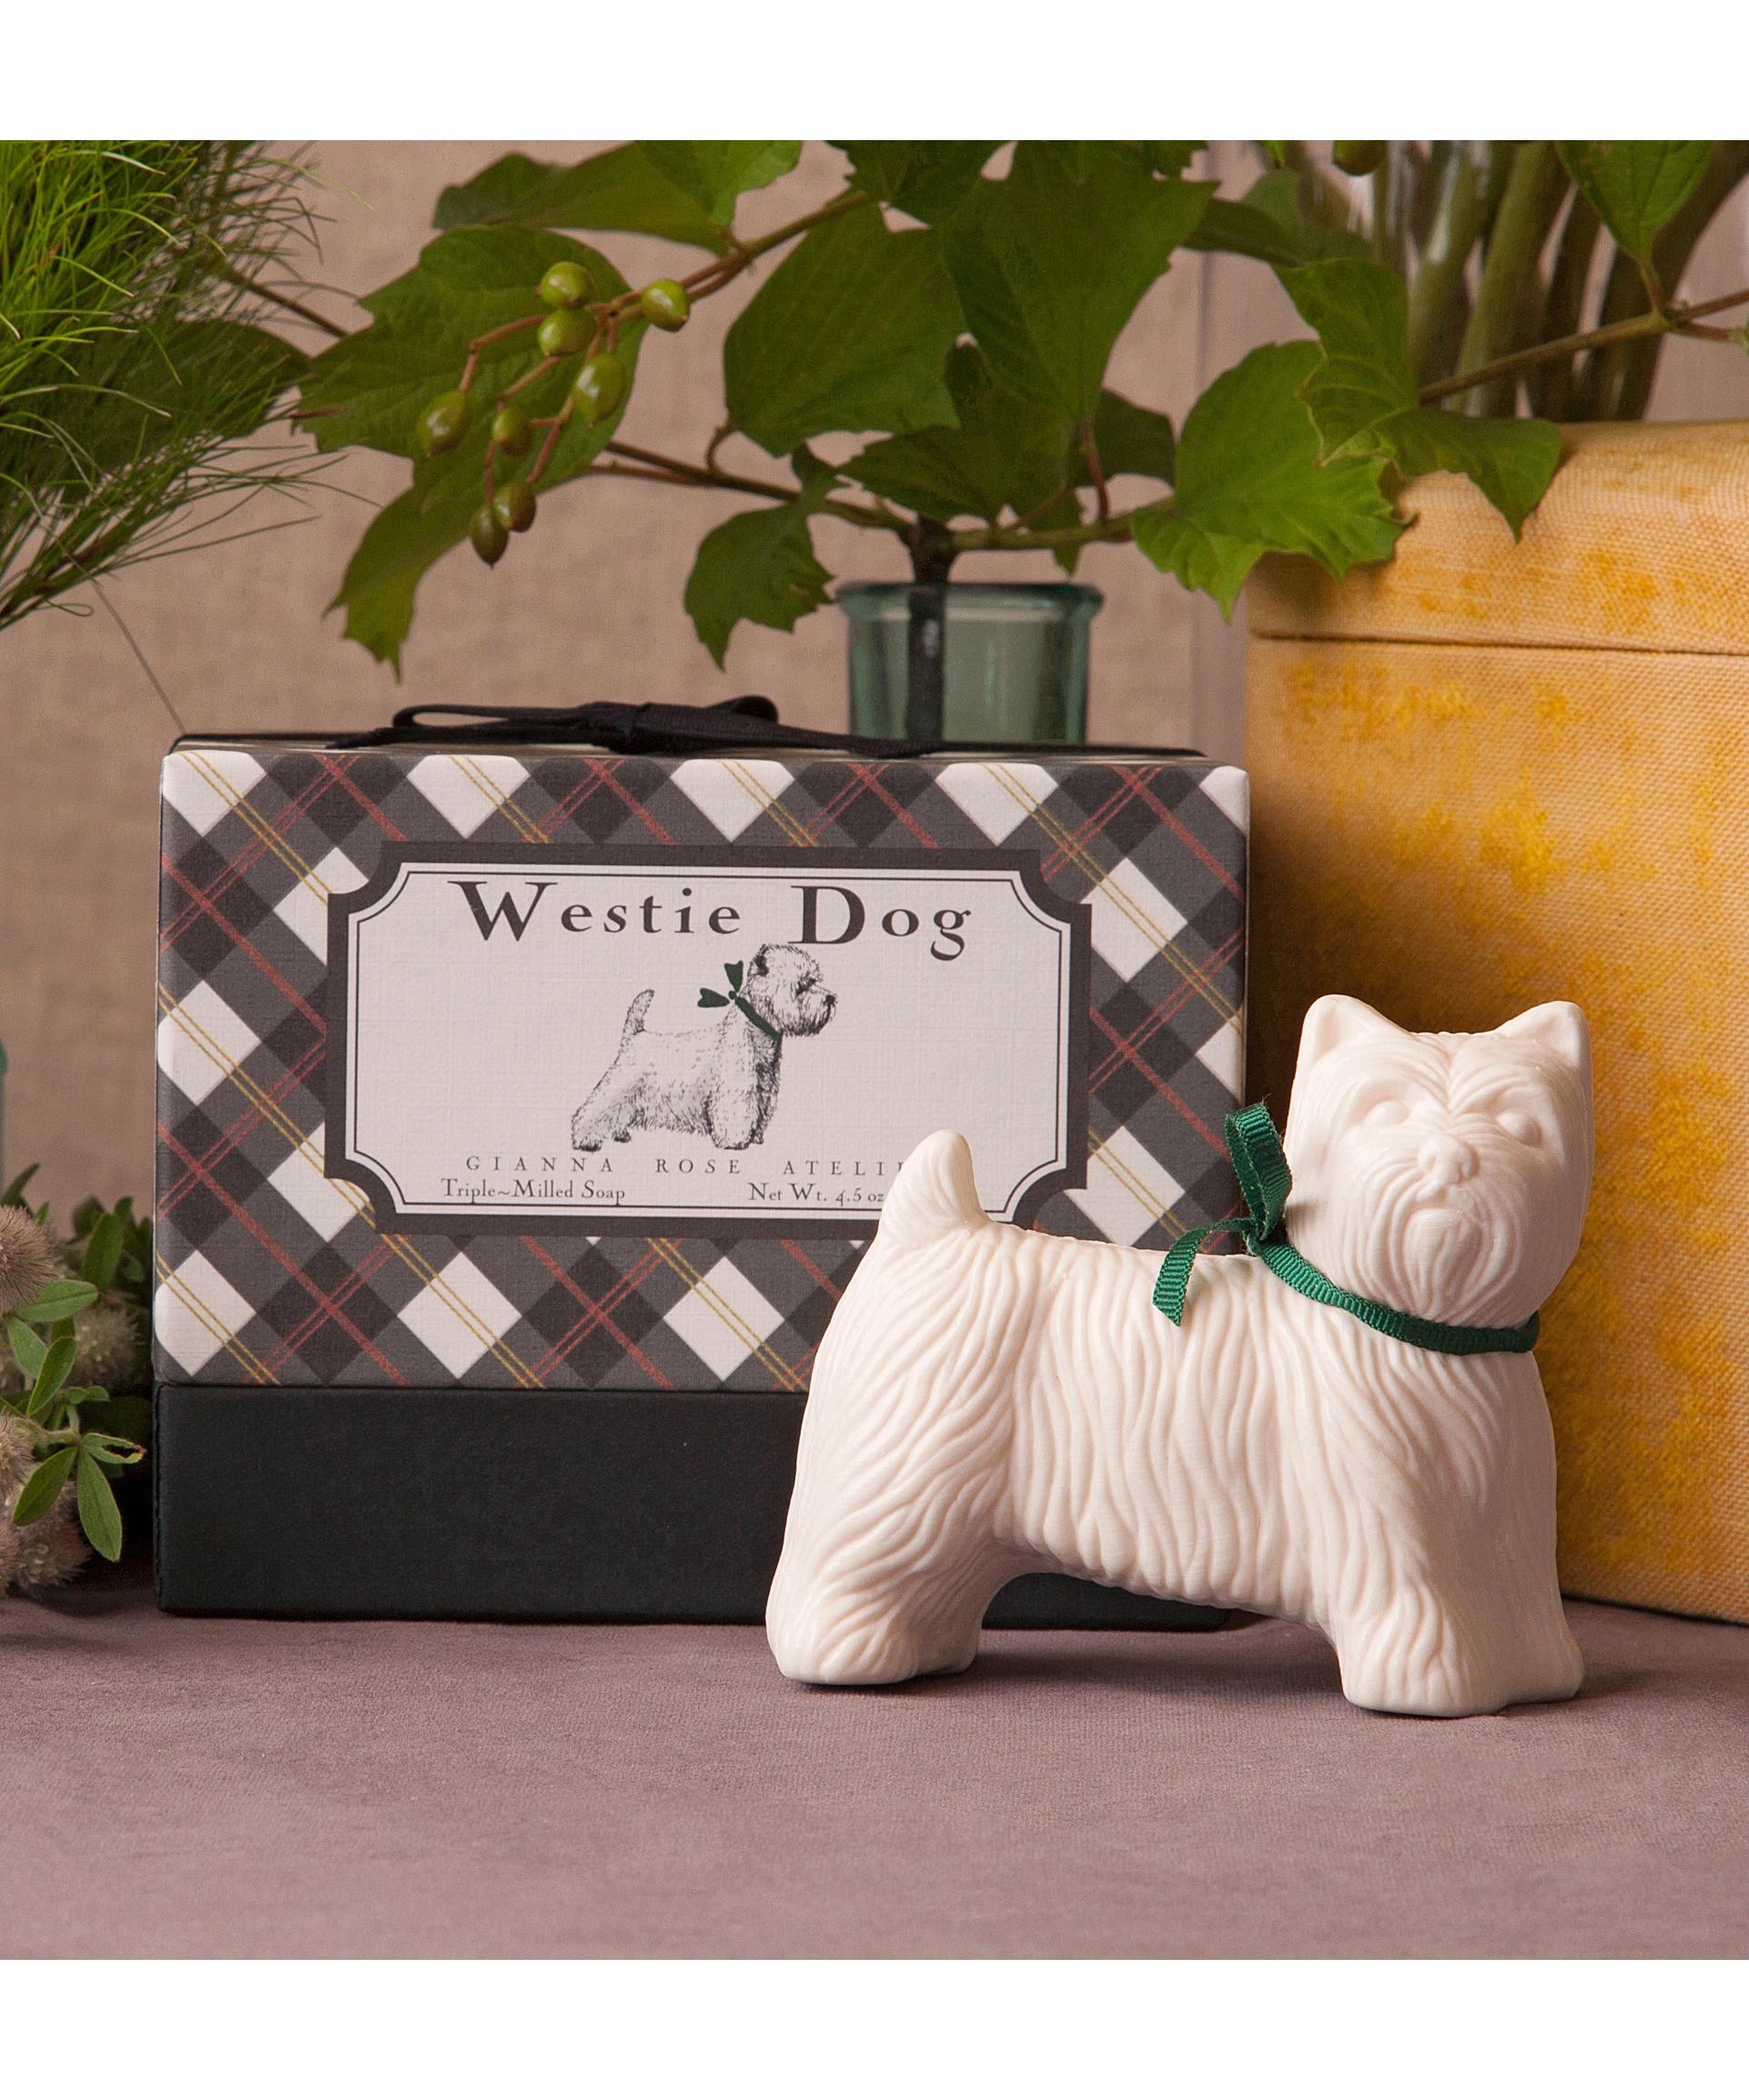 Westie Dog Soap